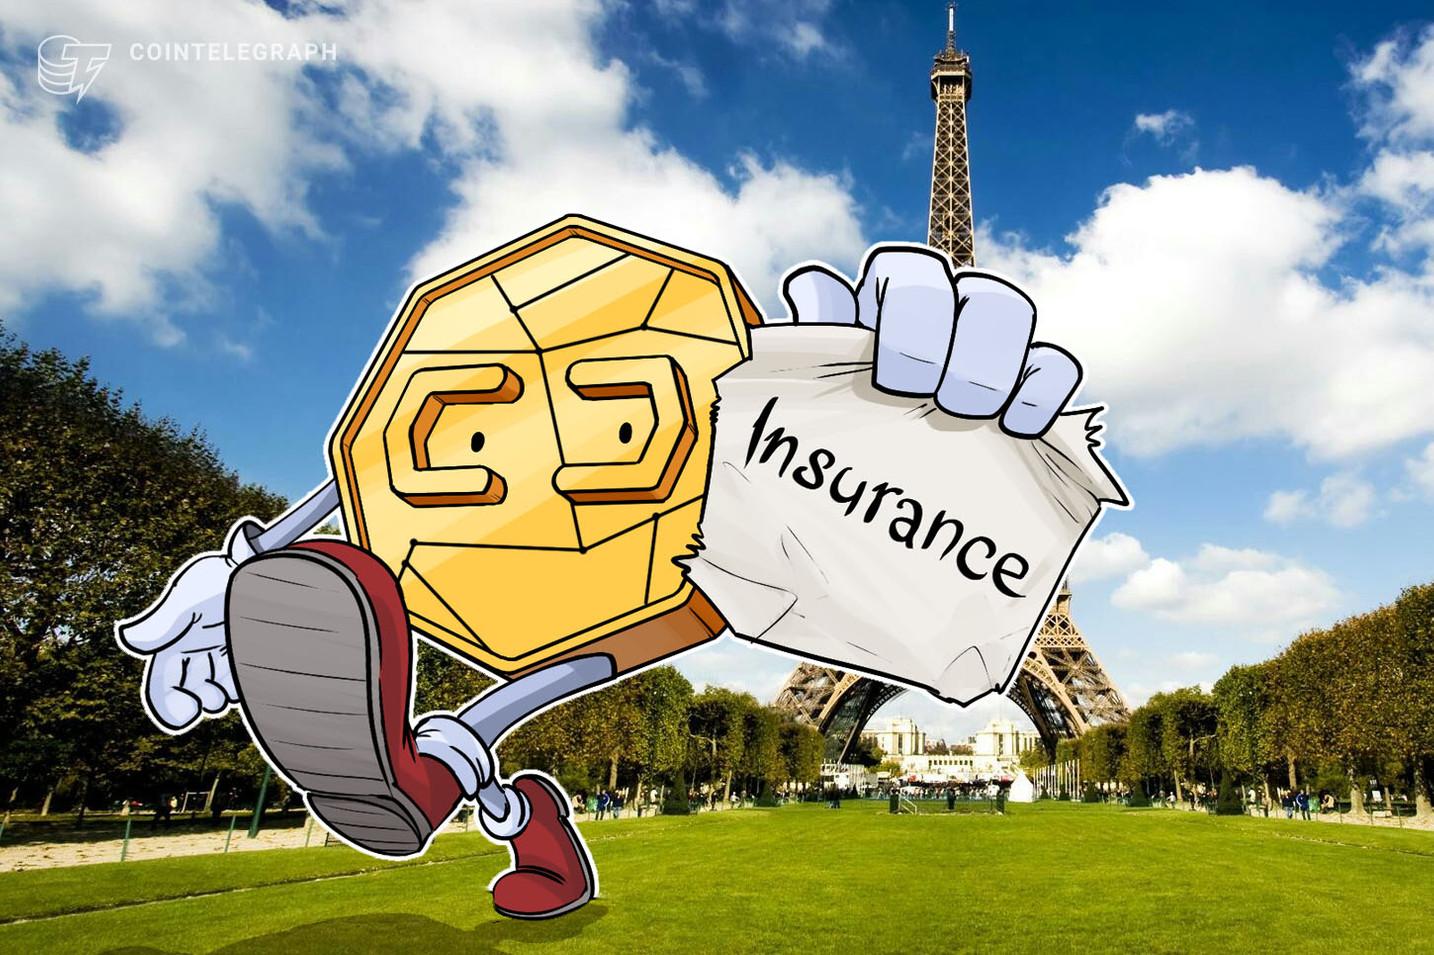 Francuska usvojila zakon koji omogućava osiguravajućim društvima da ulažu u kriptovalute